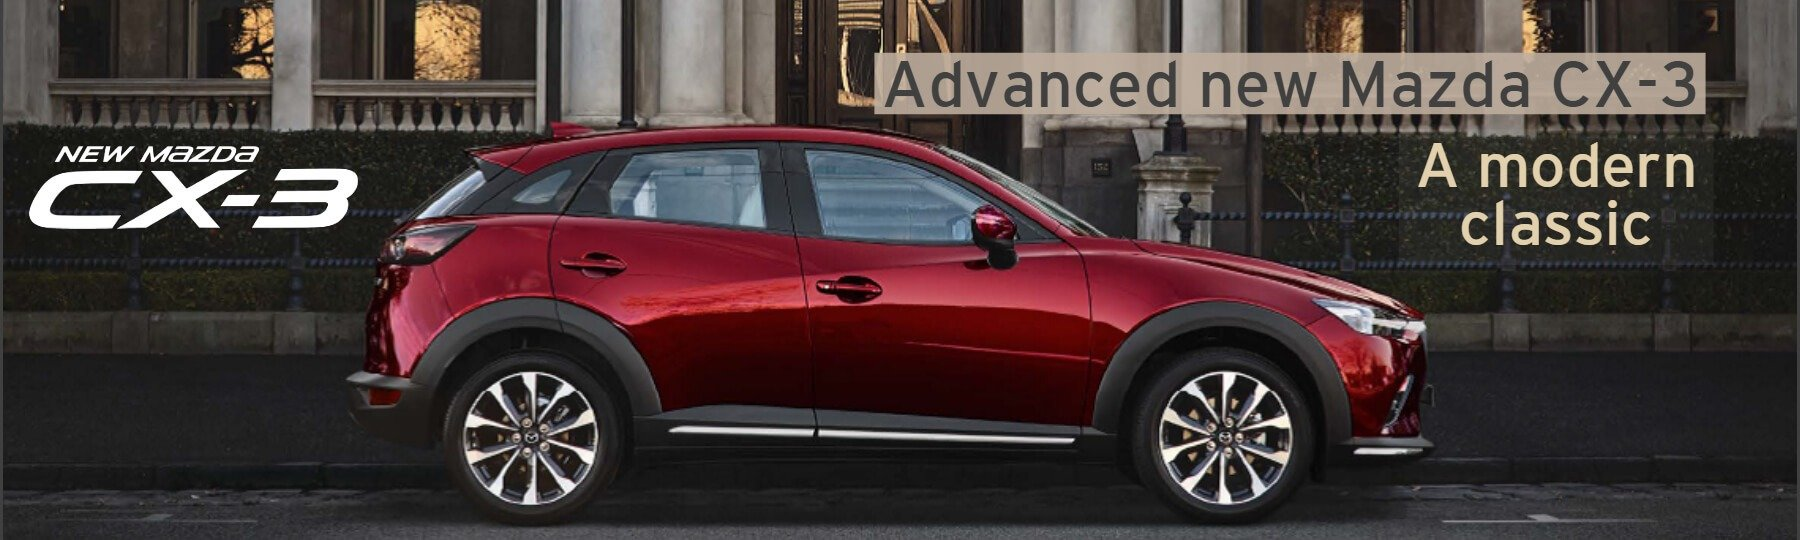 Darwin Mazda CX-3